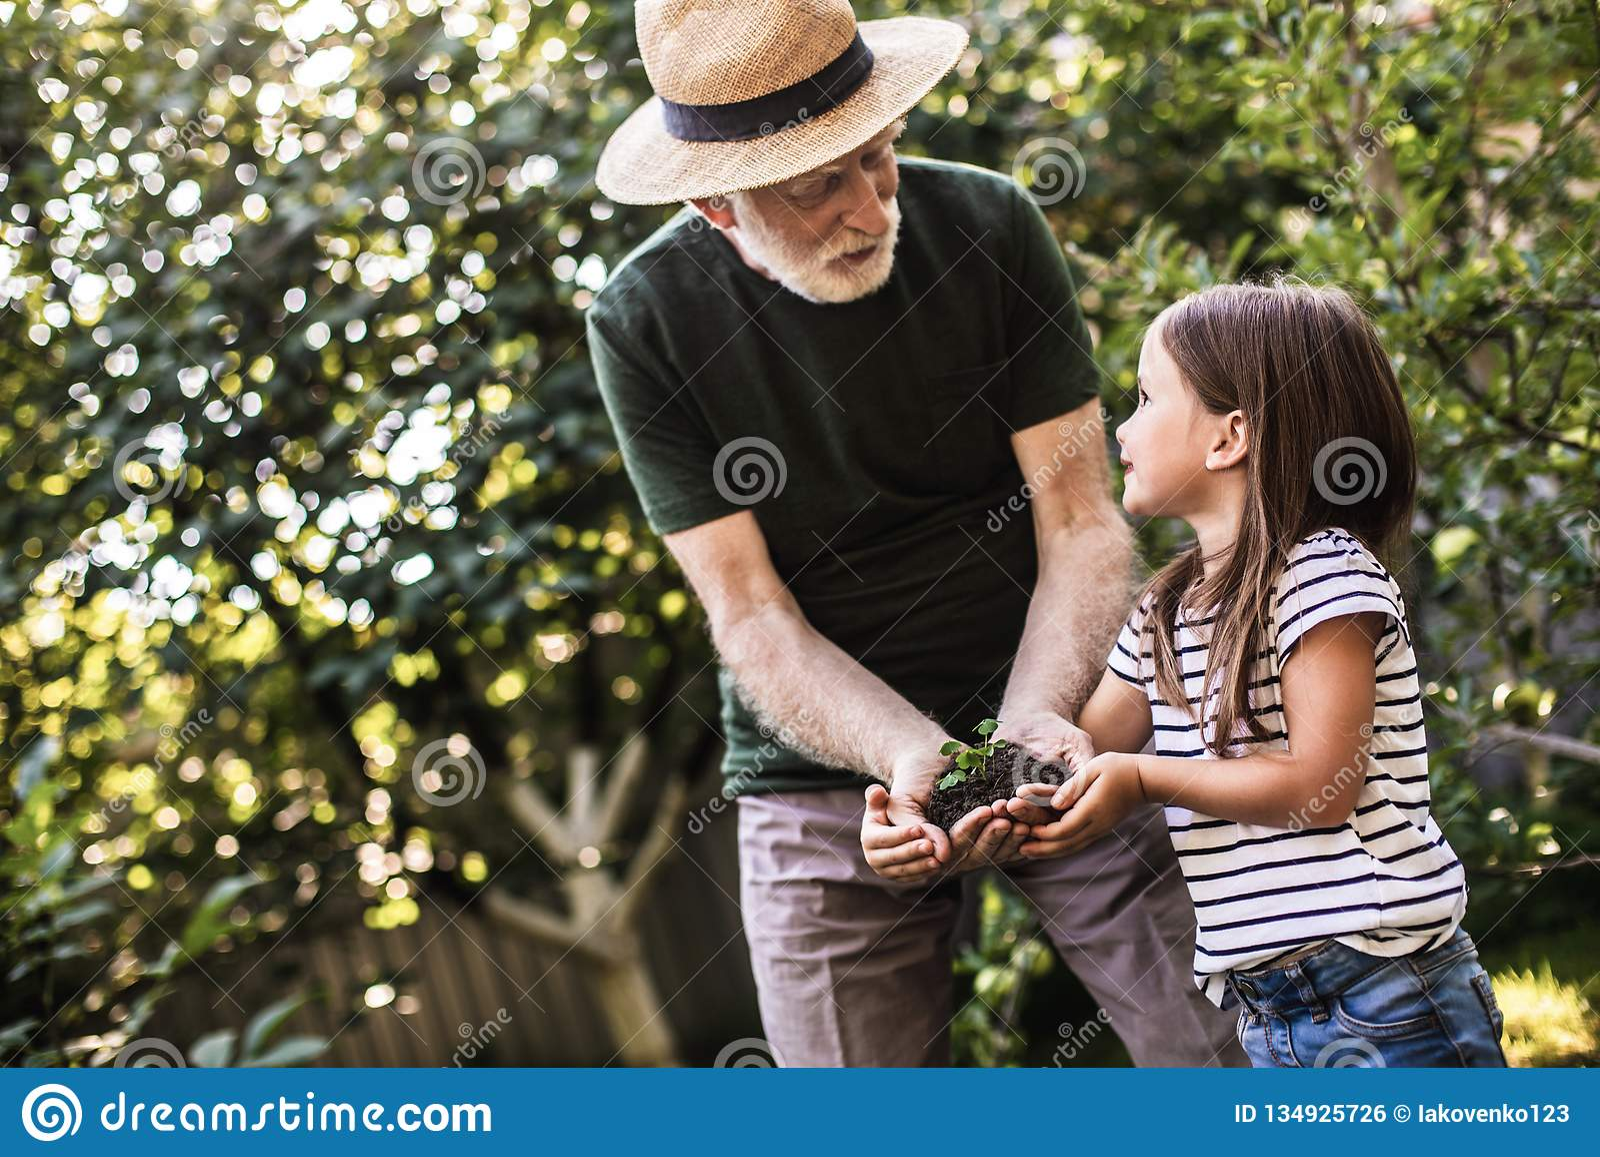 Young Girl Old Man Gangbang